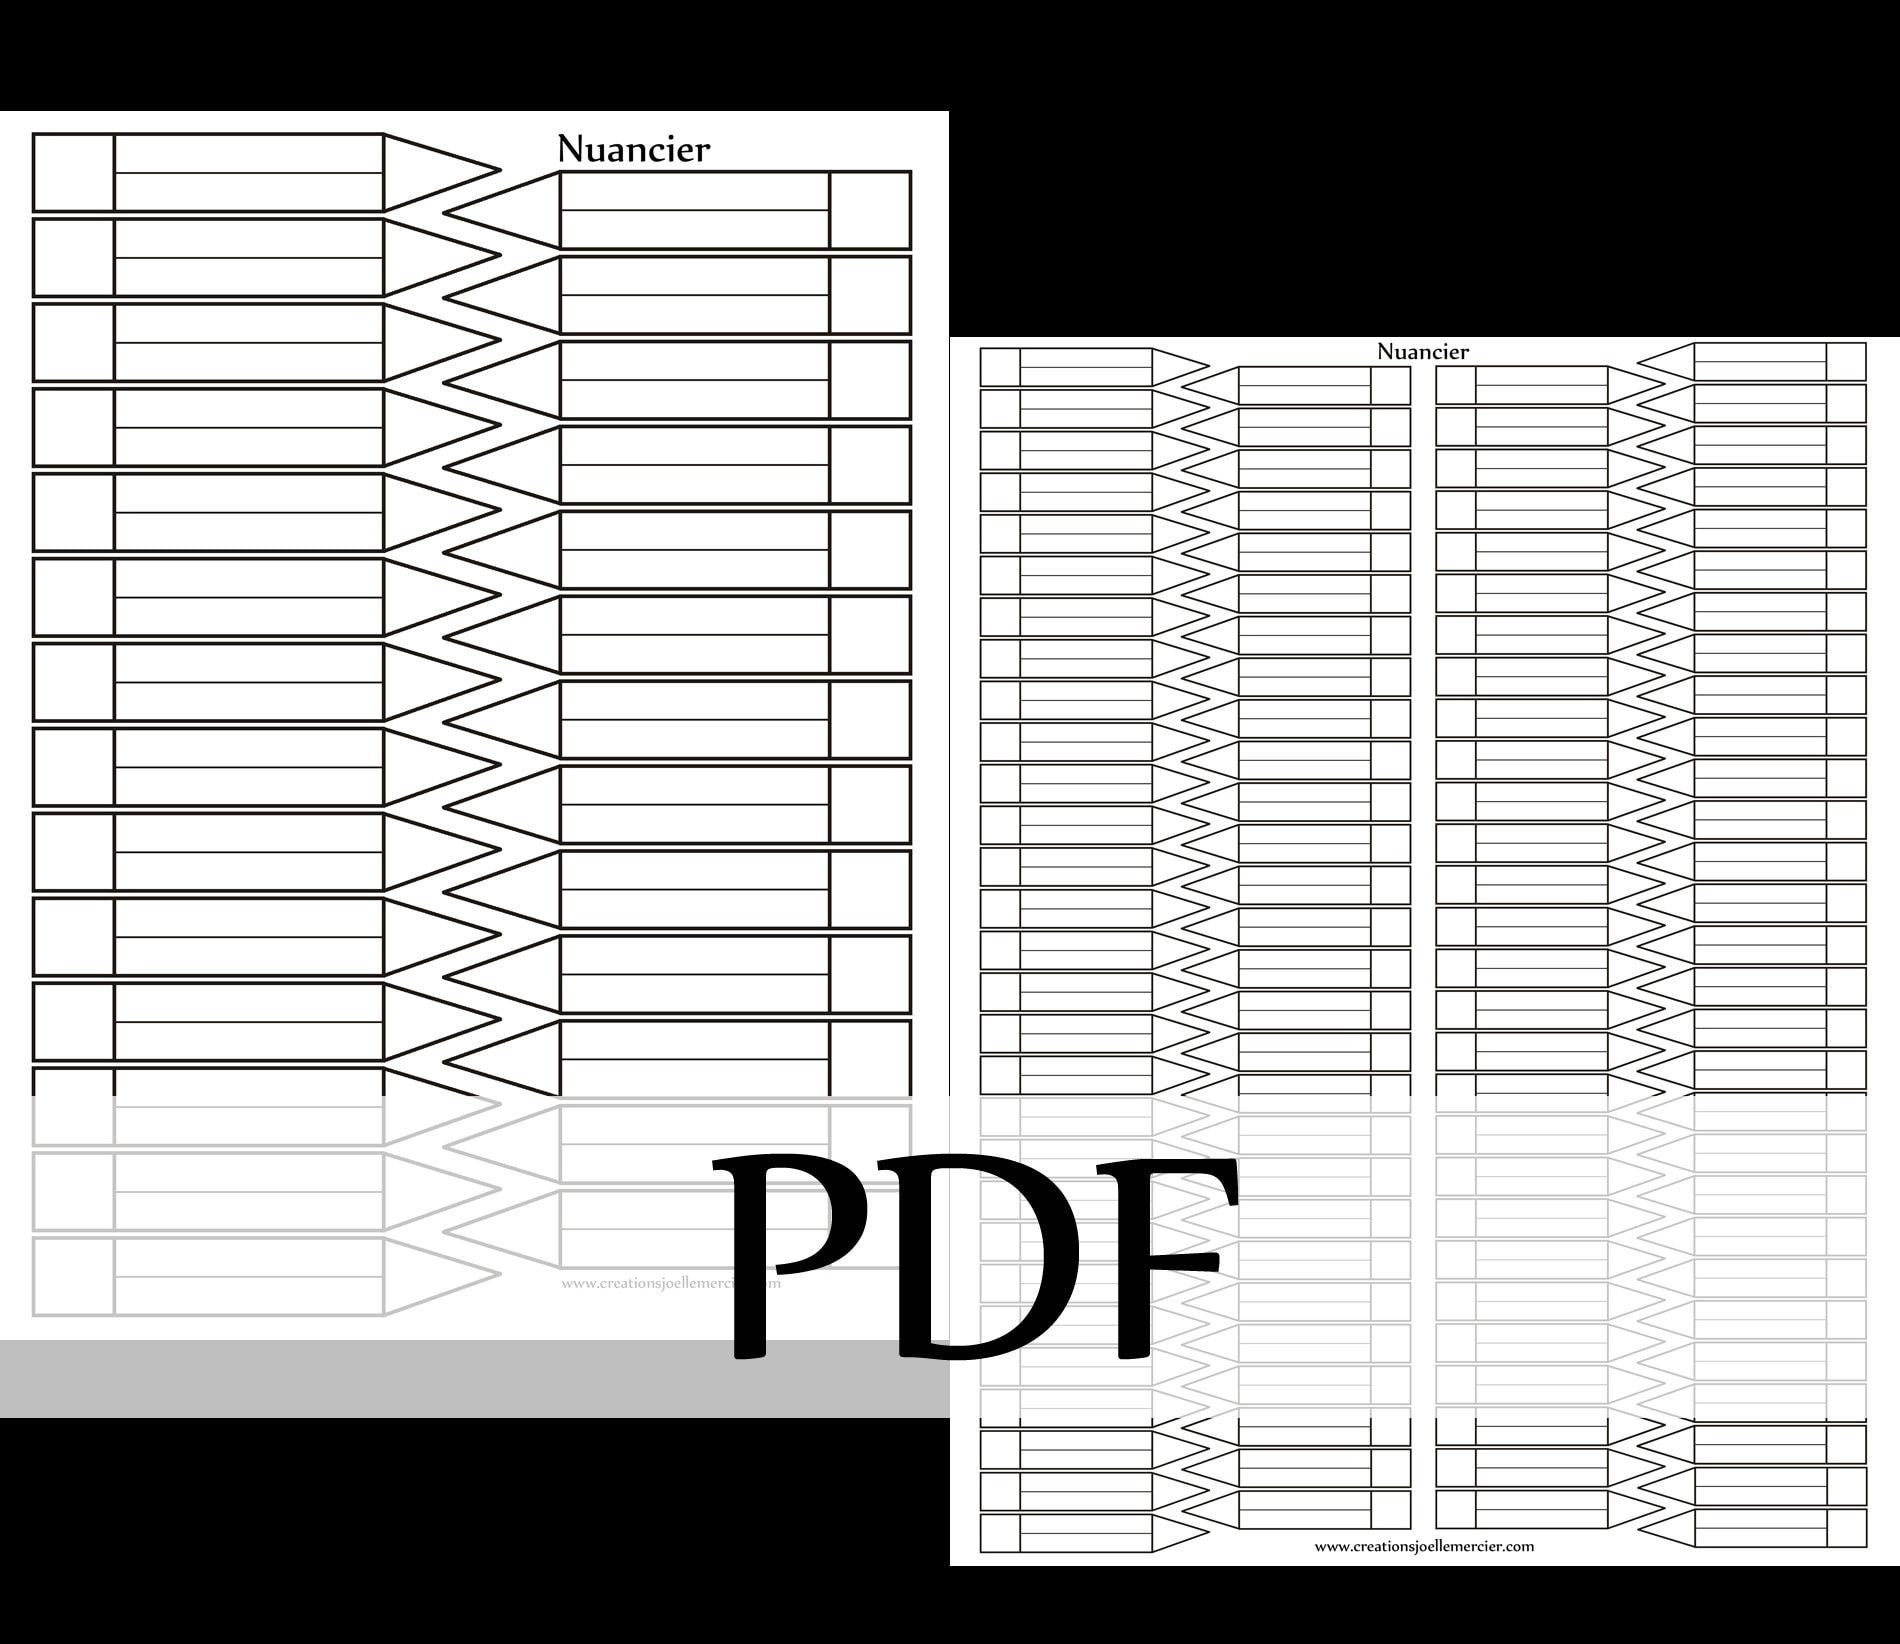 Coloriage Foot Pdf.Telechargement Instantane Nuanciers A Colorier Pour Classer Vos Couleurs Coloriage Classement Charte Version Pdf